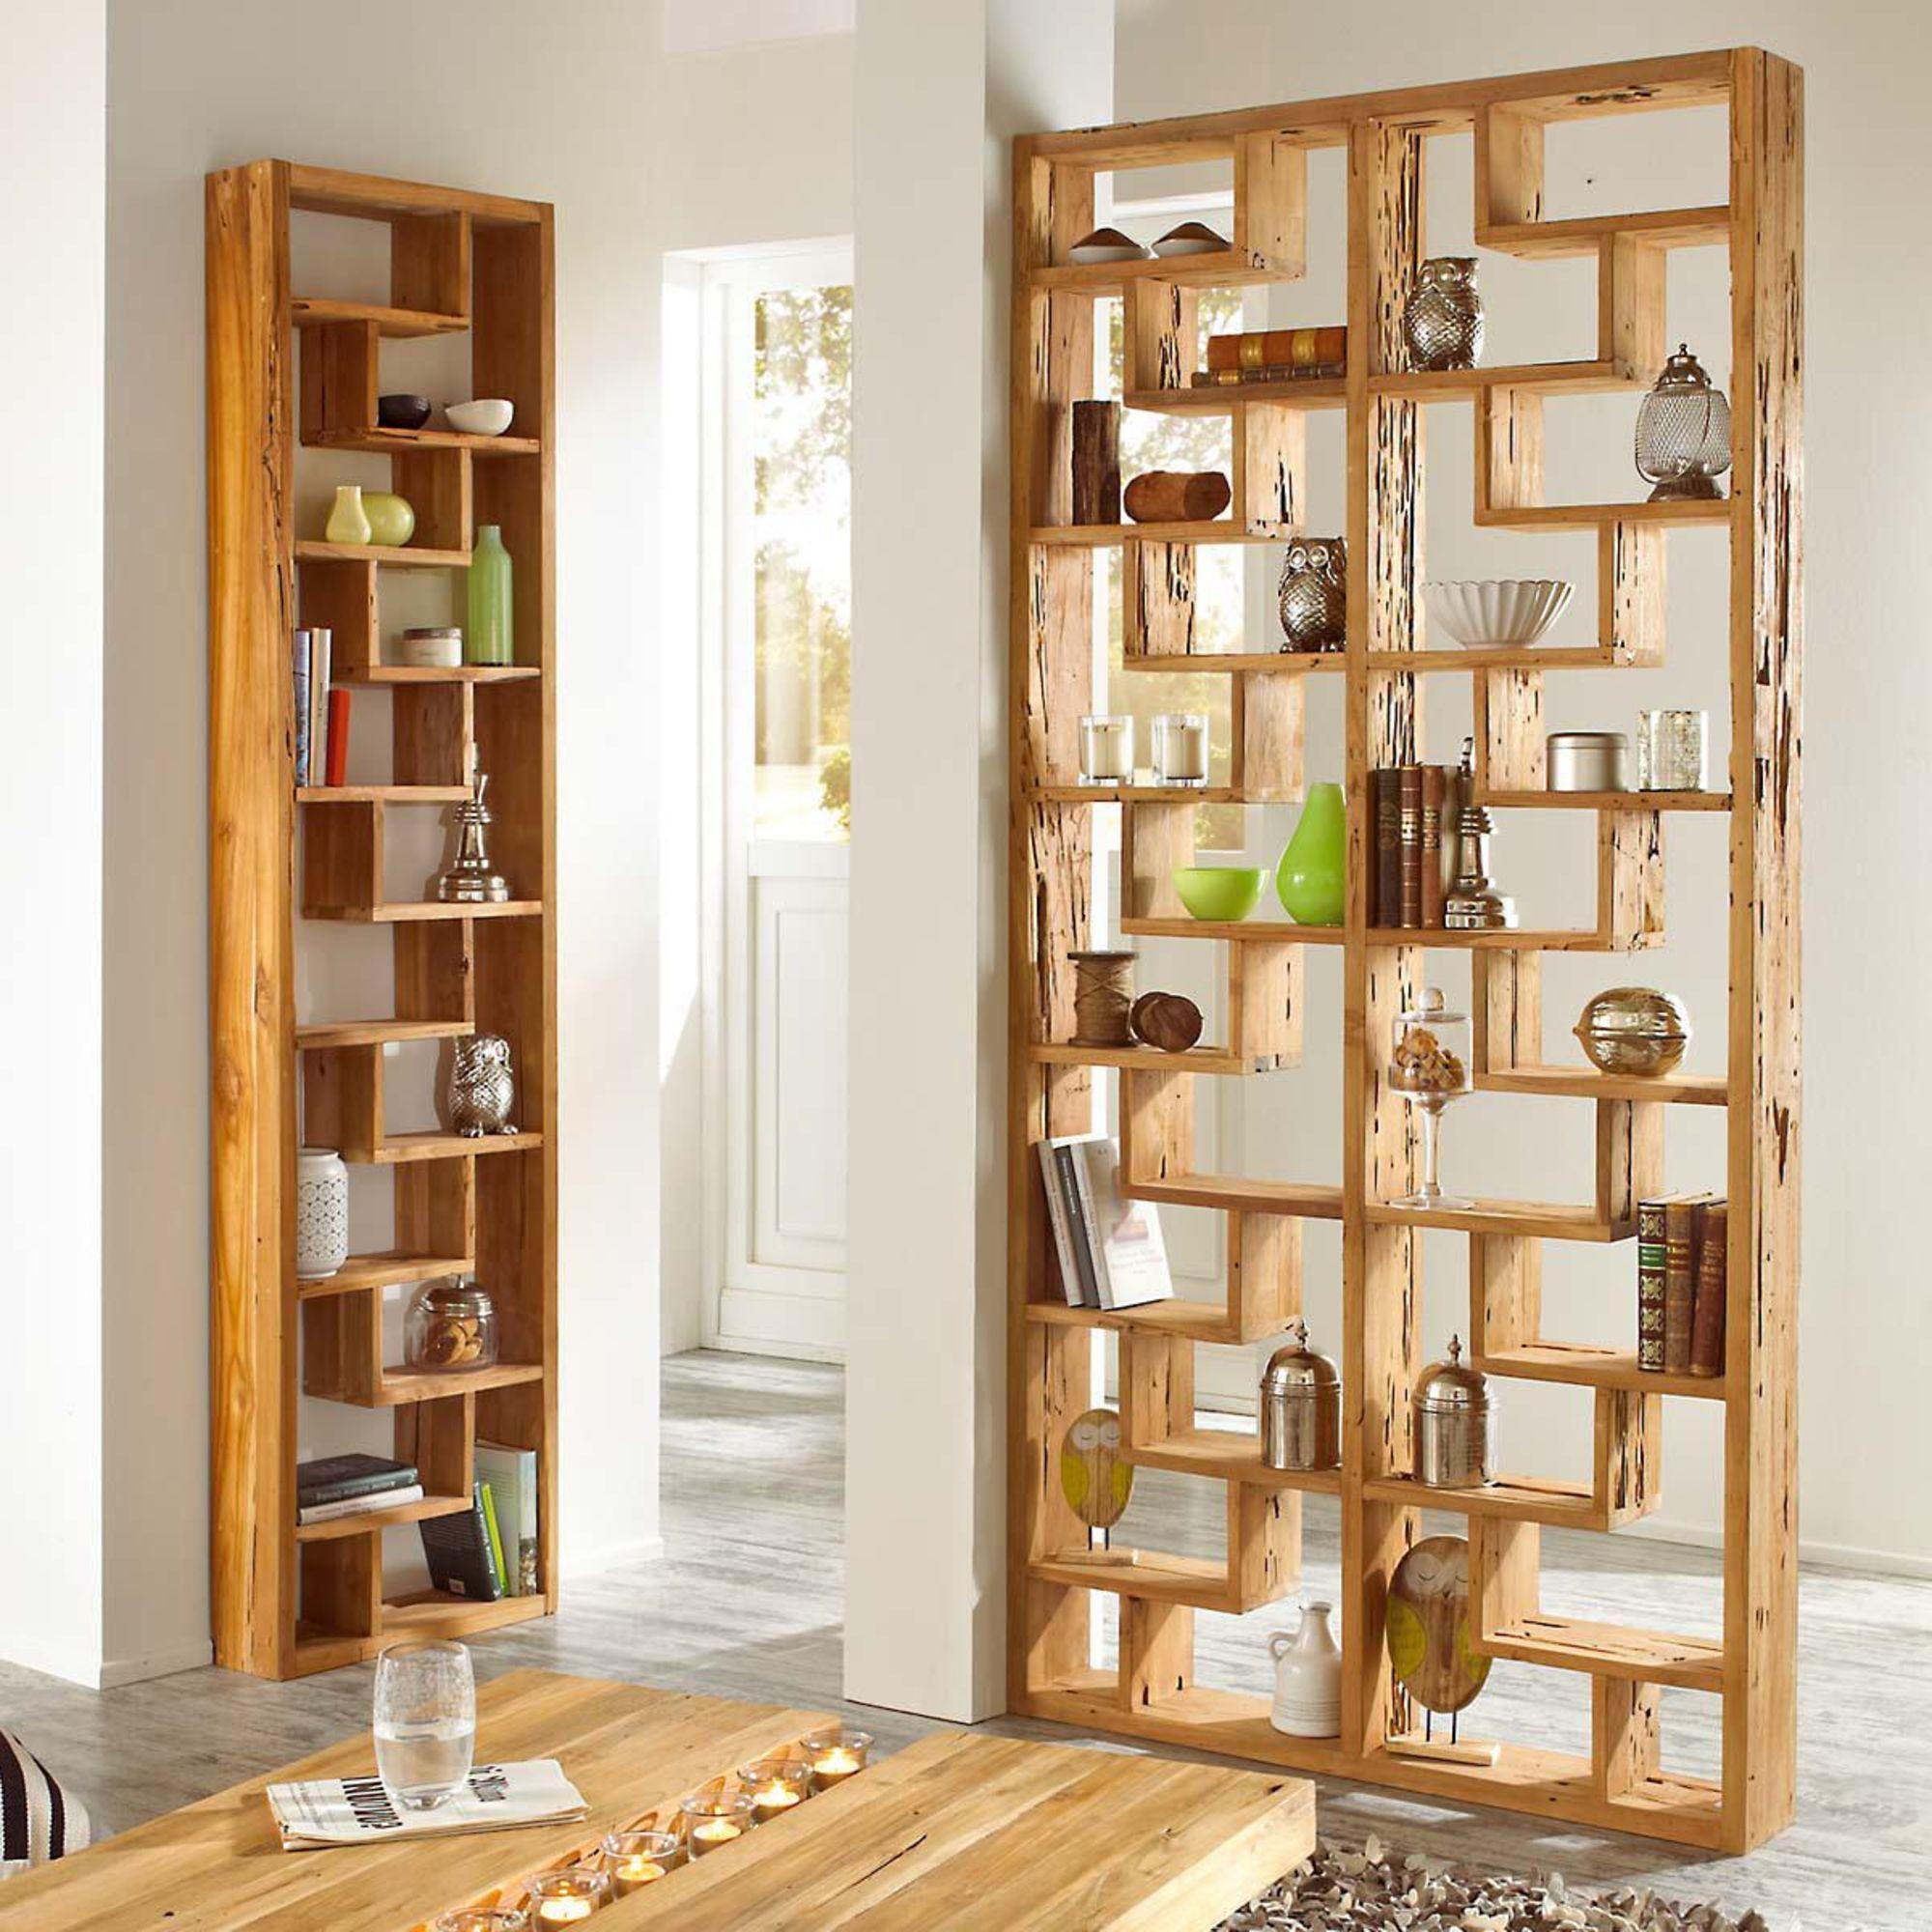 Dieser Raumteiler Aus Echtholz Ist Ein Blickfang Durch Die Besondere  Machart. Die Lieferung Erfolgt Komplett Montiert. Details: Die Erhalten  Gebliebenen ...